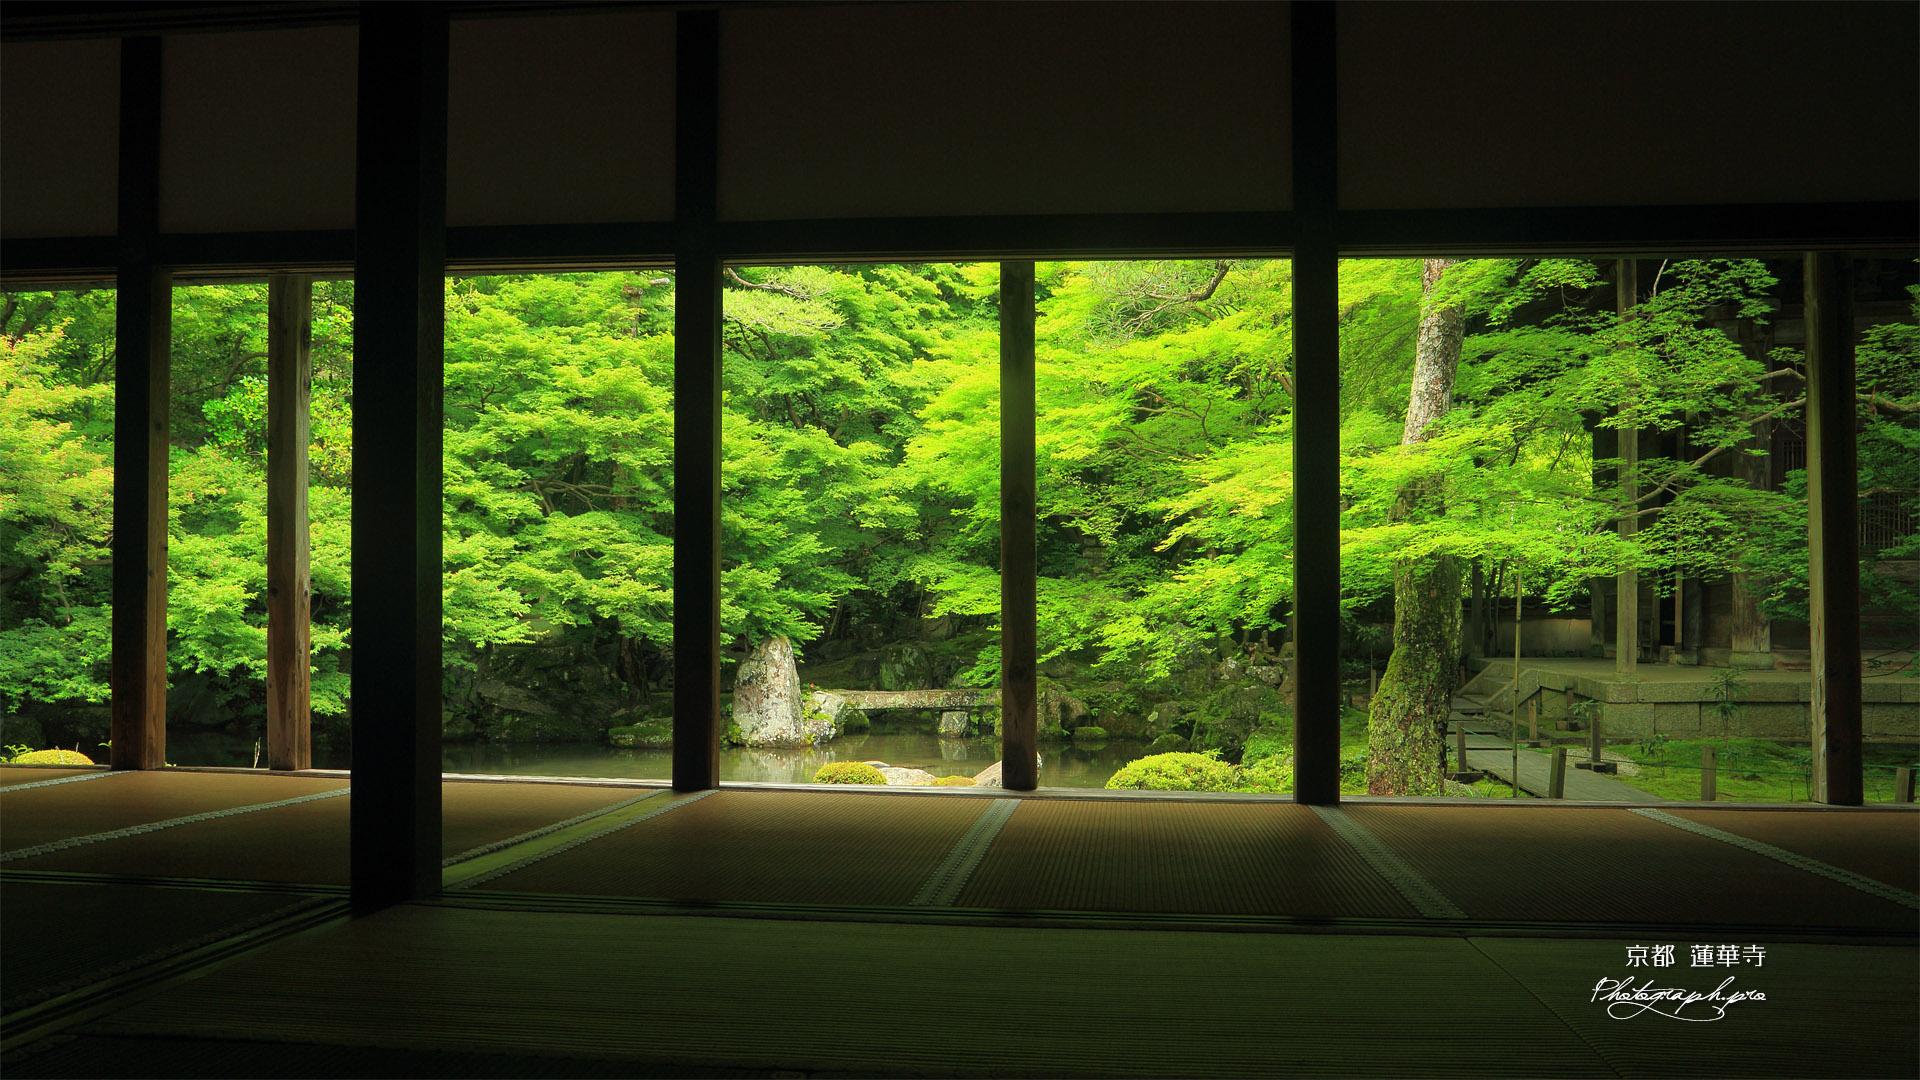 蓮華寺 柱越しに新緑の庭園 の壁紙 19x1080